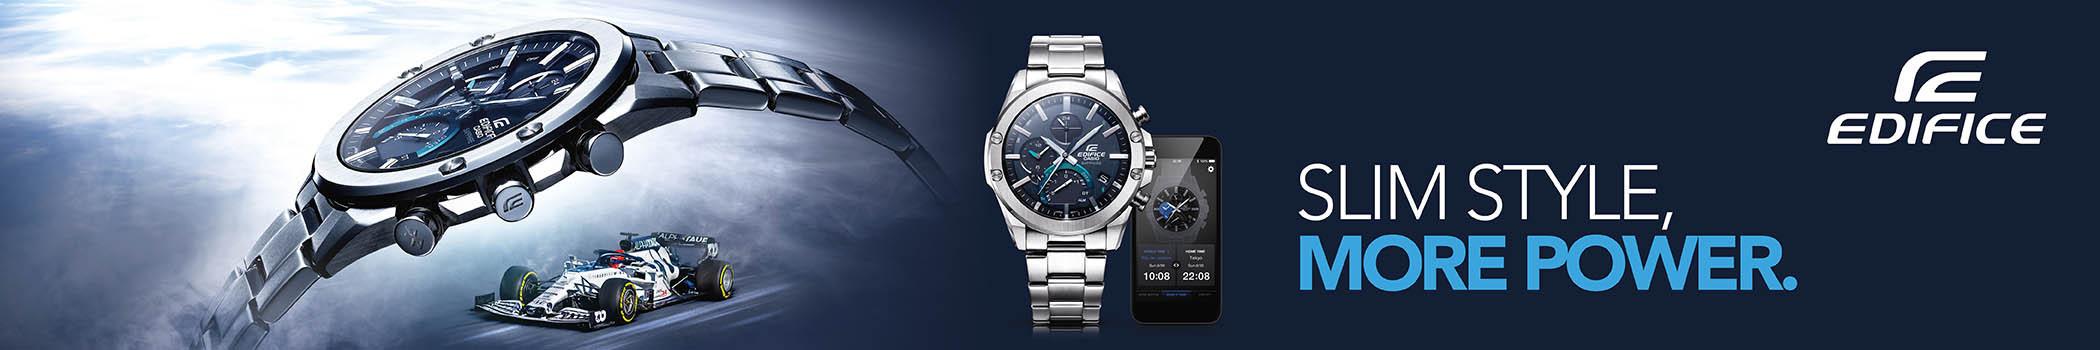 rellotges Casio Edificie